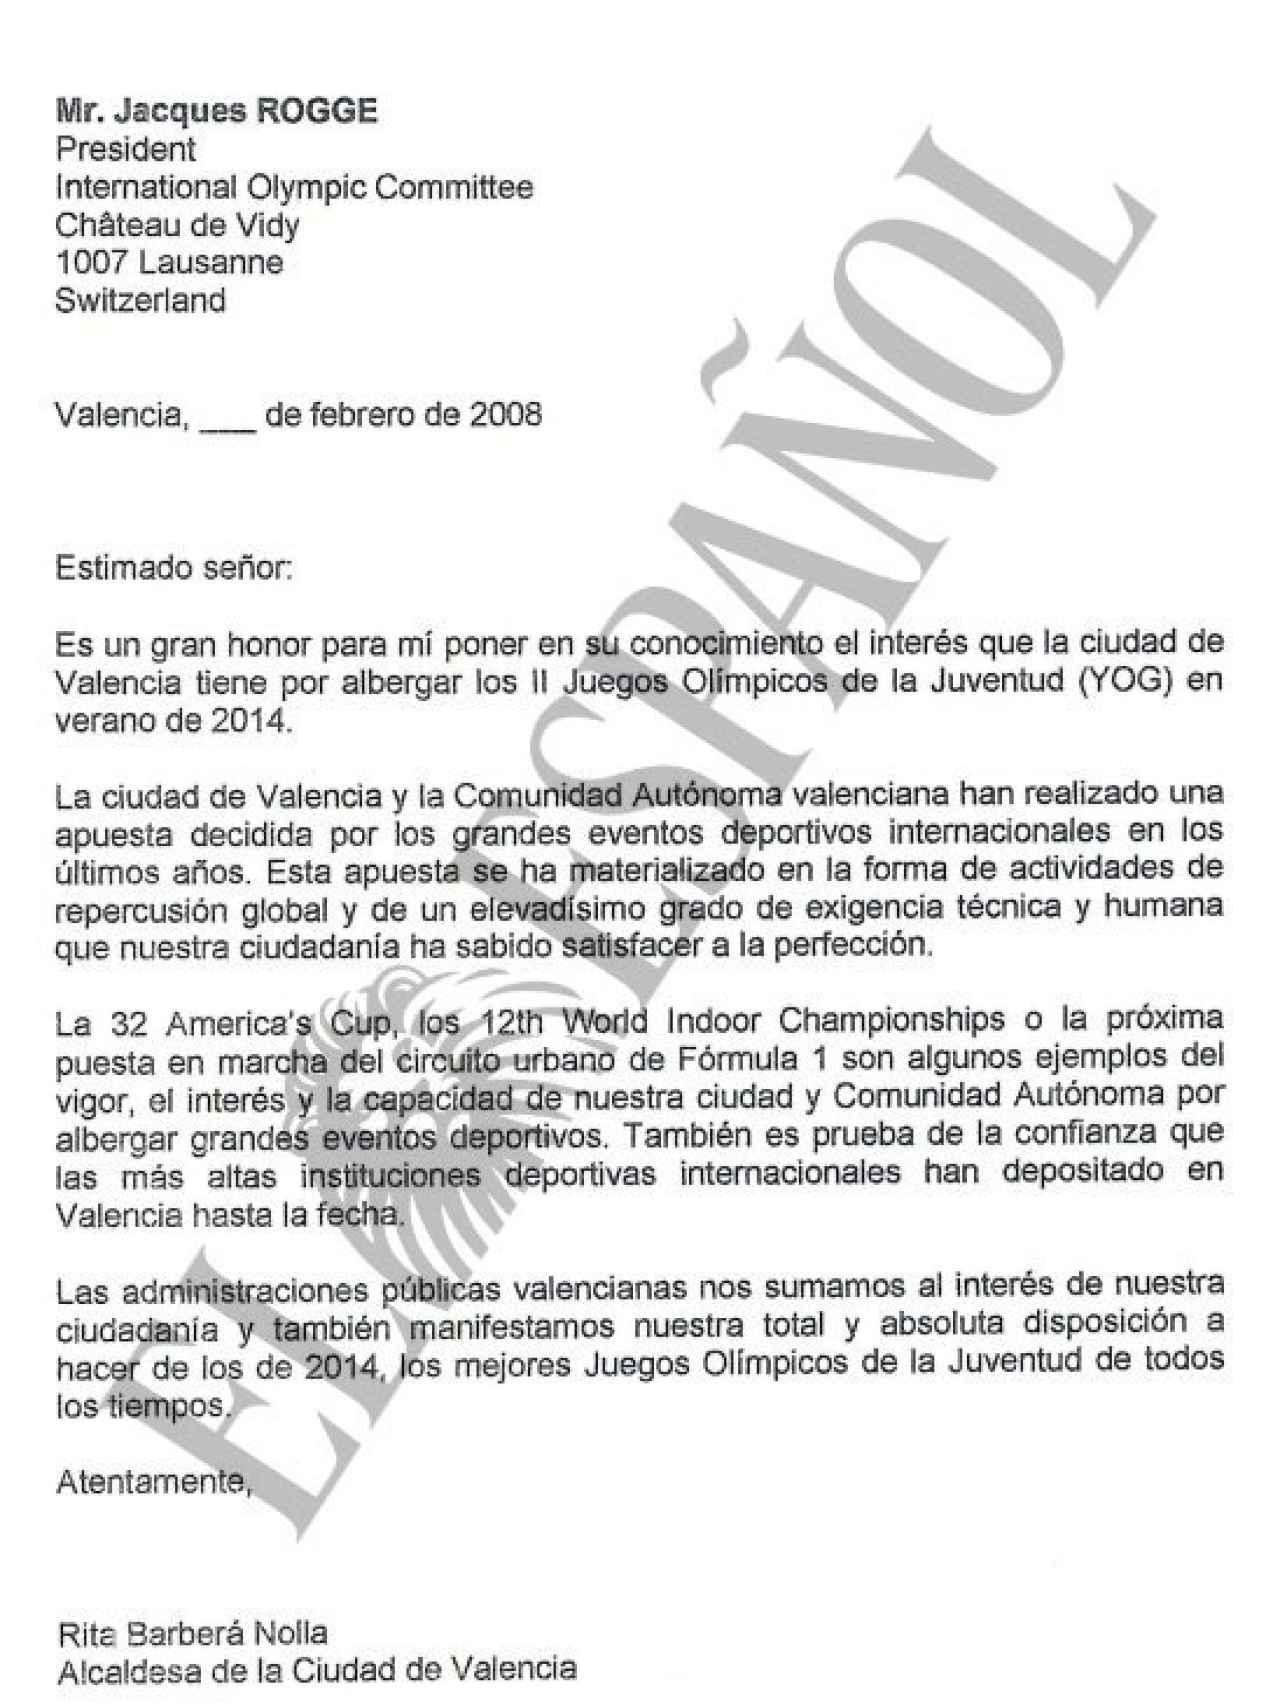 Carta a Jacques Rogge firmada por Rita Barberá.